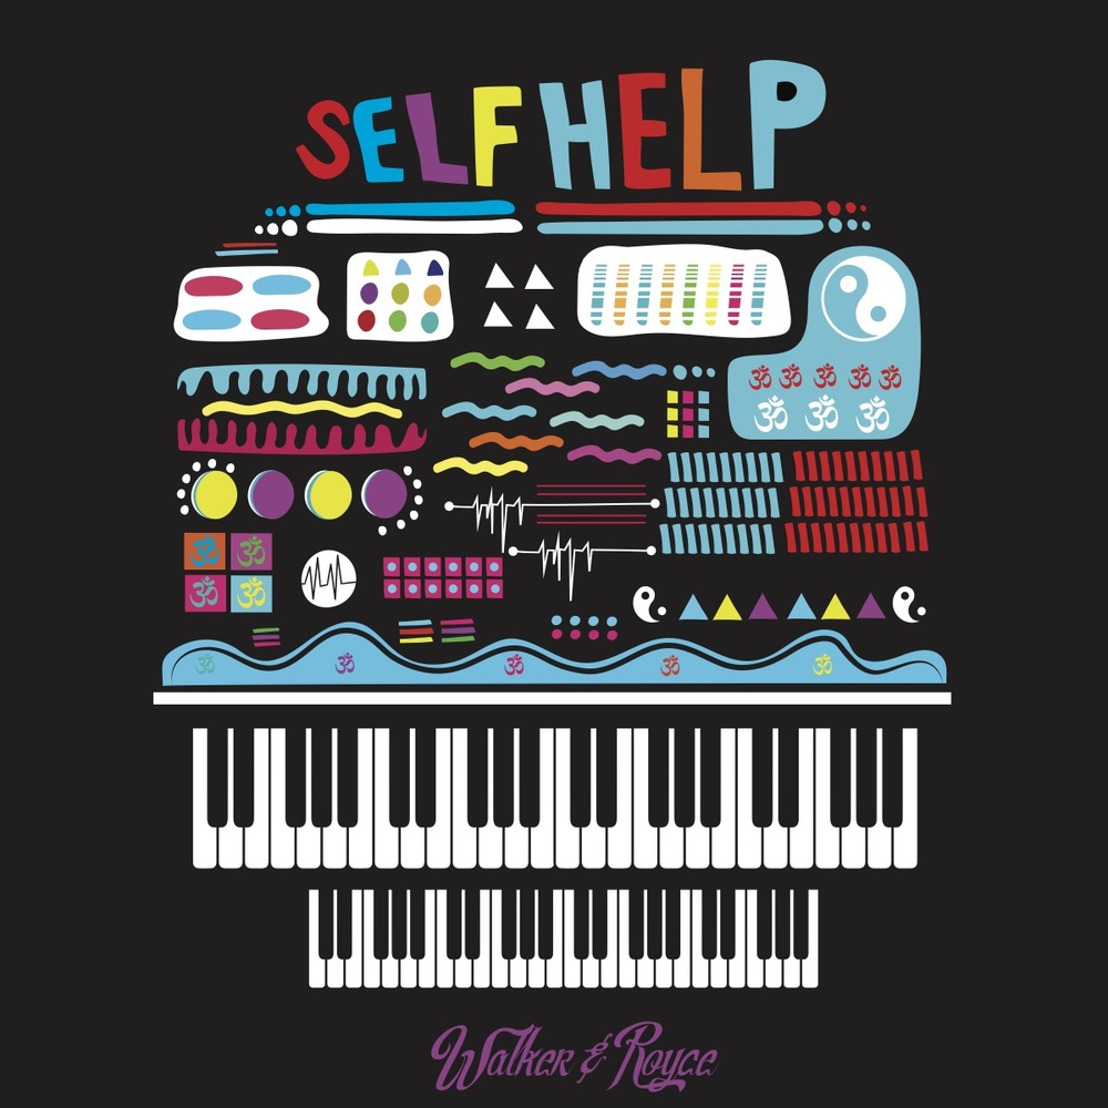 DIRTYBIRD: Walker & Royce's Self Help Album OUT NOW!